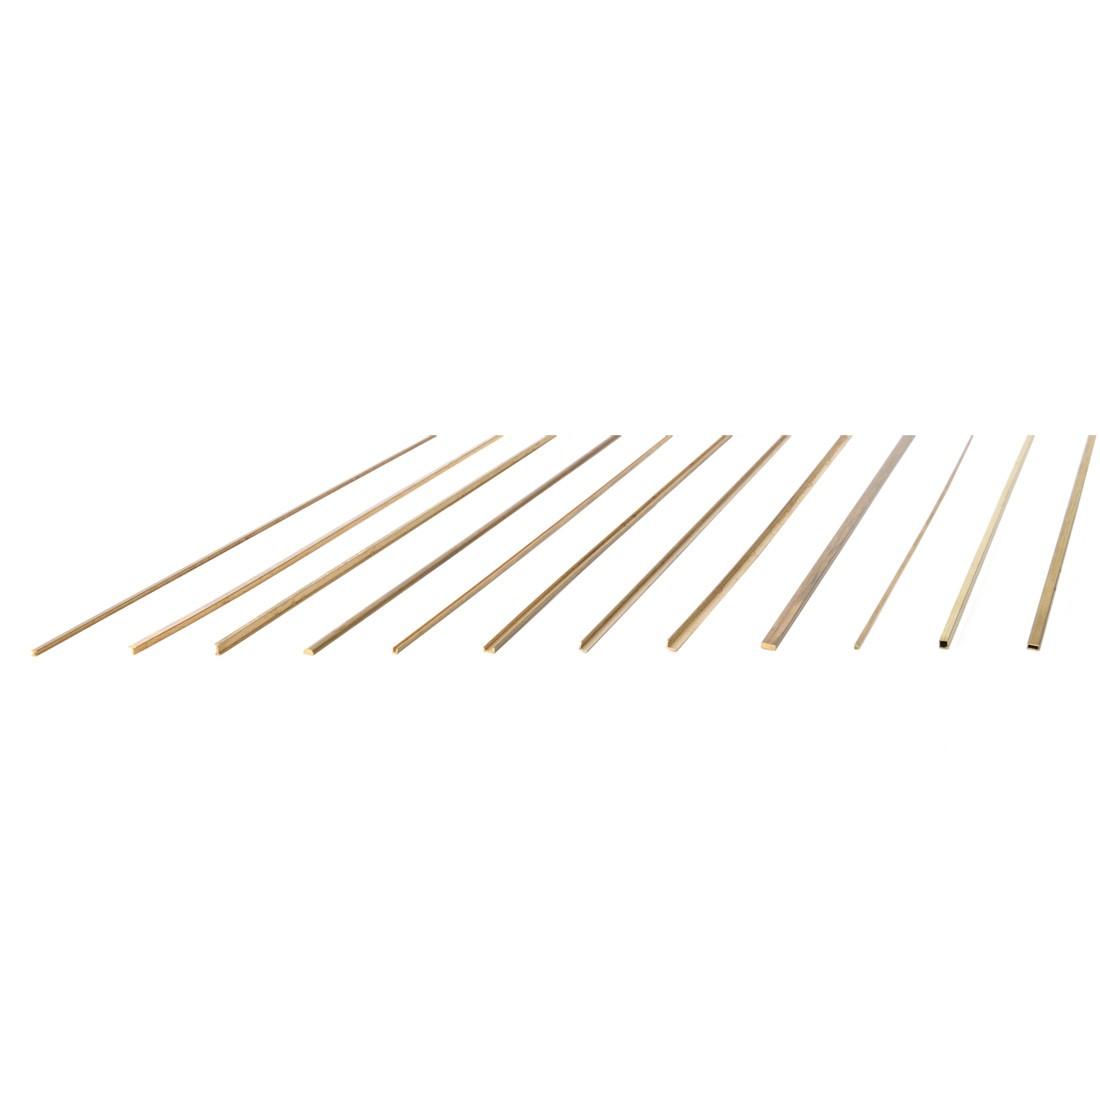 Microprofilati Ottone mm. 1,5x1,5x500 sez. quadra